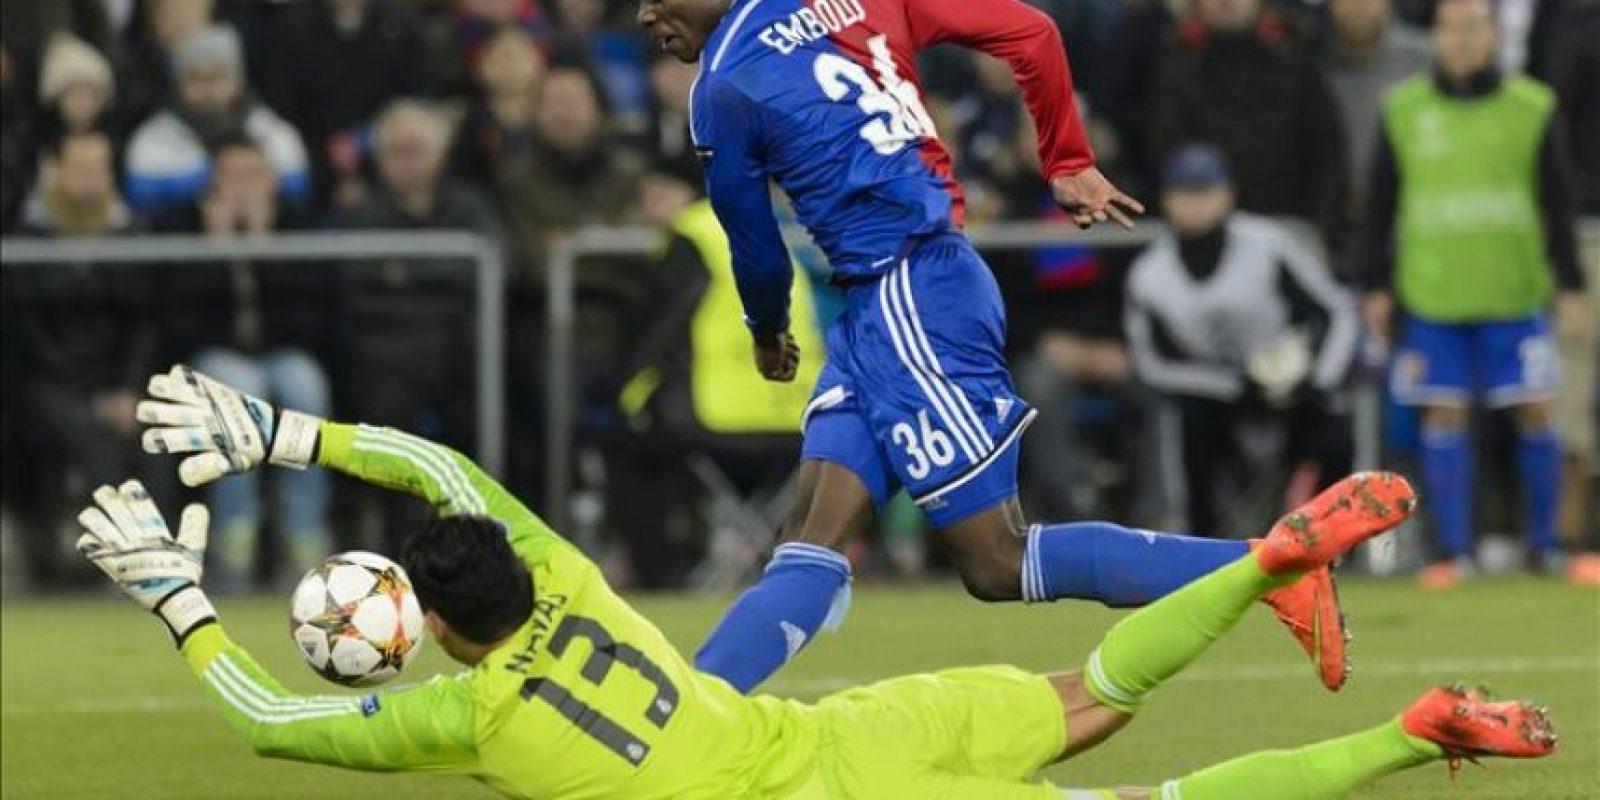 El guardameta costarricense del Real Madrid, Keylor Navas (i), intenta detener el balón golpeado por el jugador del Basilea, Breel Embolo, durante el partido del grupo B de la Liga de Campeones, que han disputado en el estadio St. Jakob-Park de Basilea, Suiza. EFE